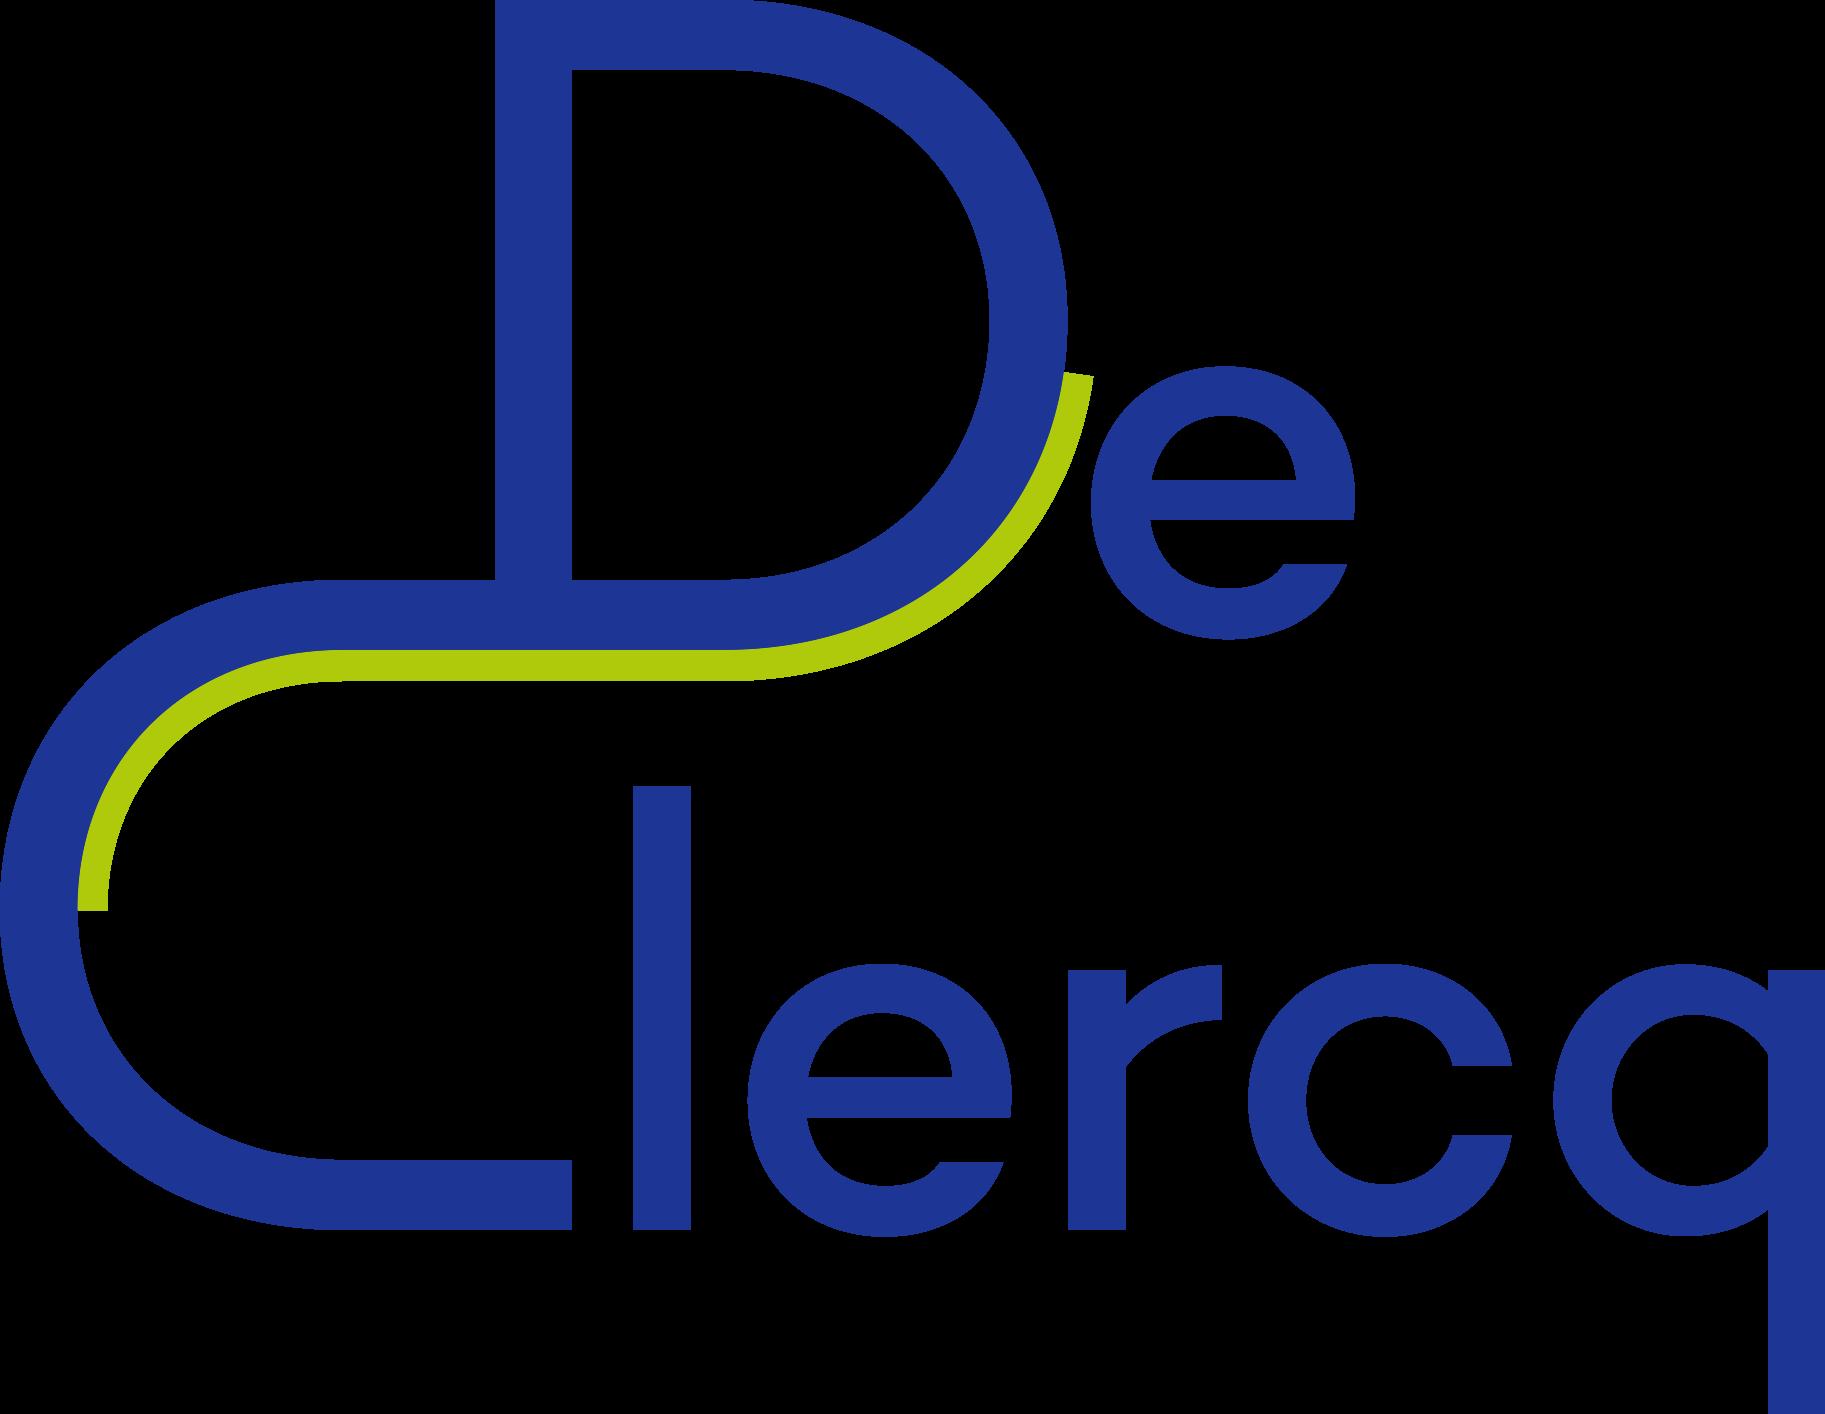 De Clercq